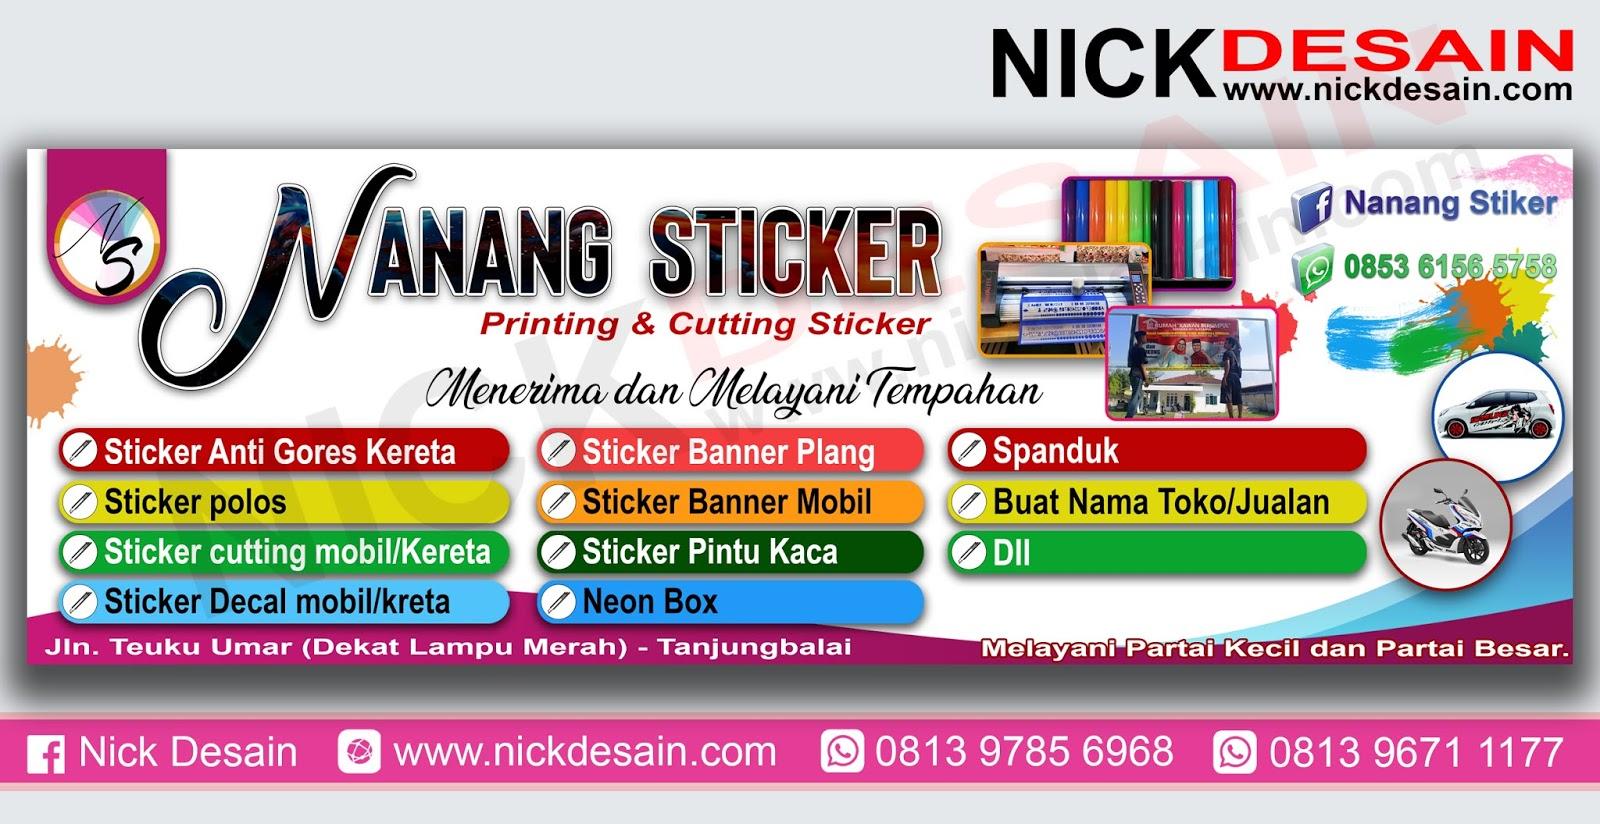 Contoh Desain Banner Percetakan Percetakan Tanjungbalai Percetakan Tanjungbalai Desain Online Logo Banner Spanduk